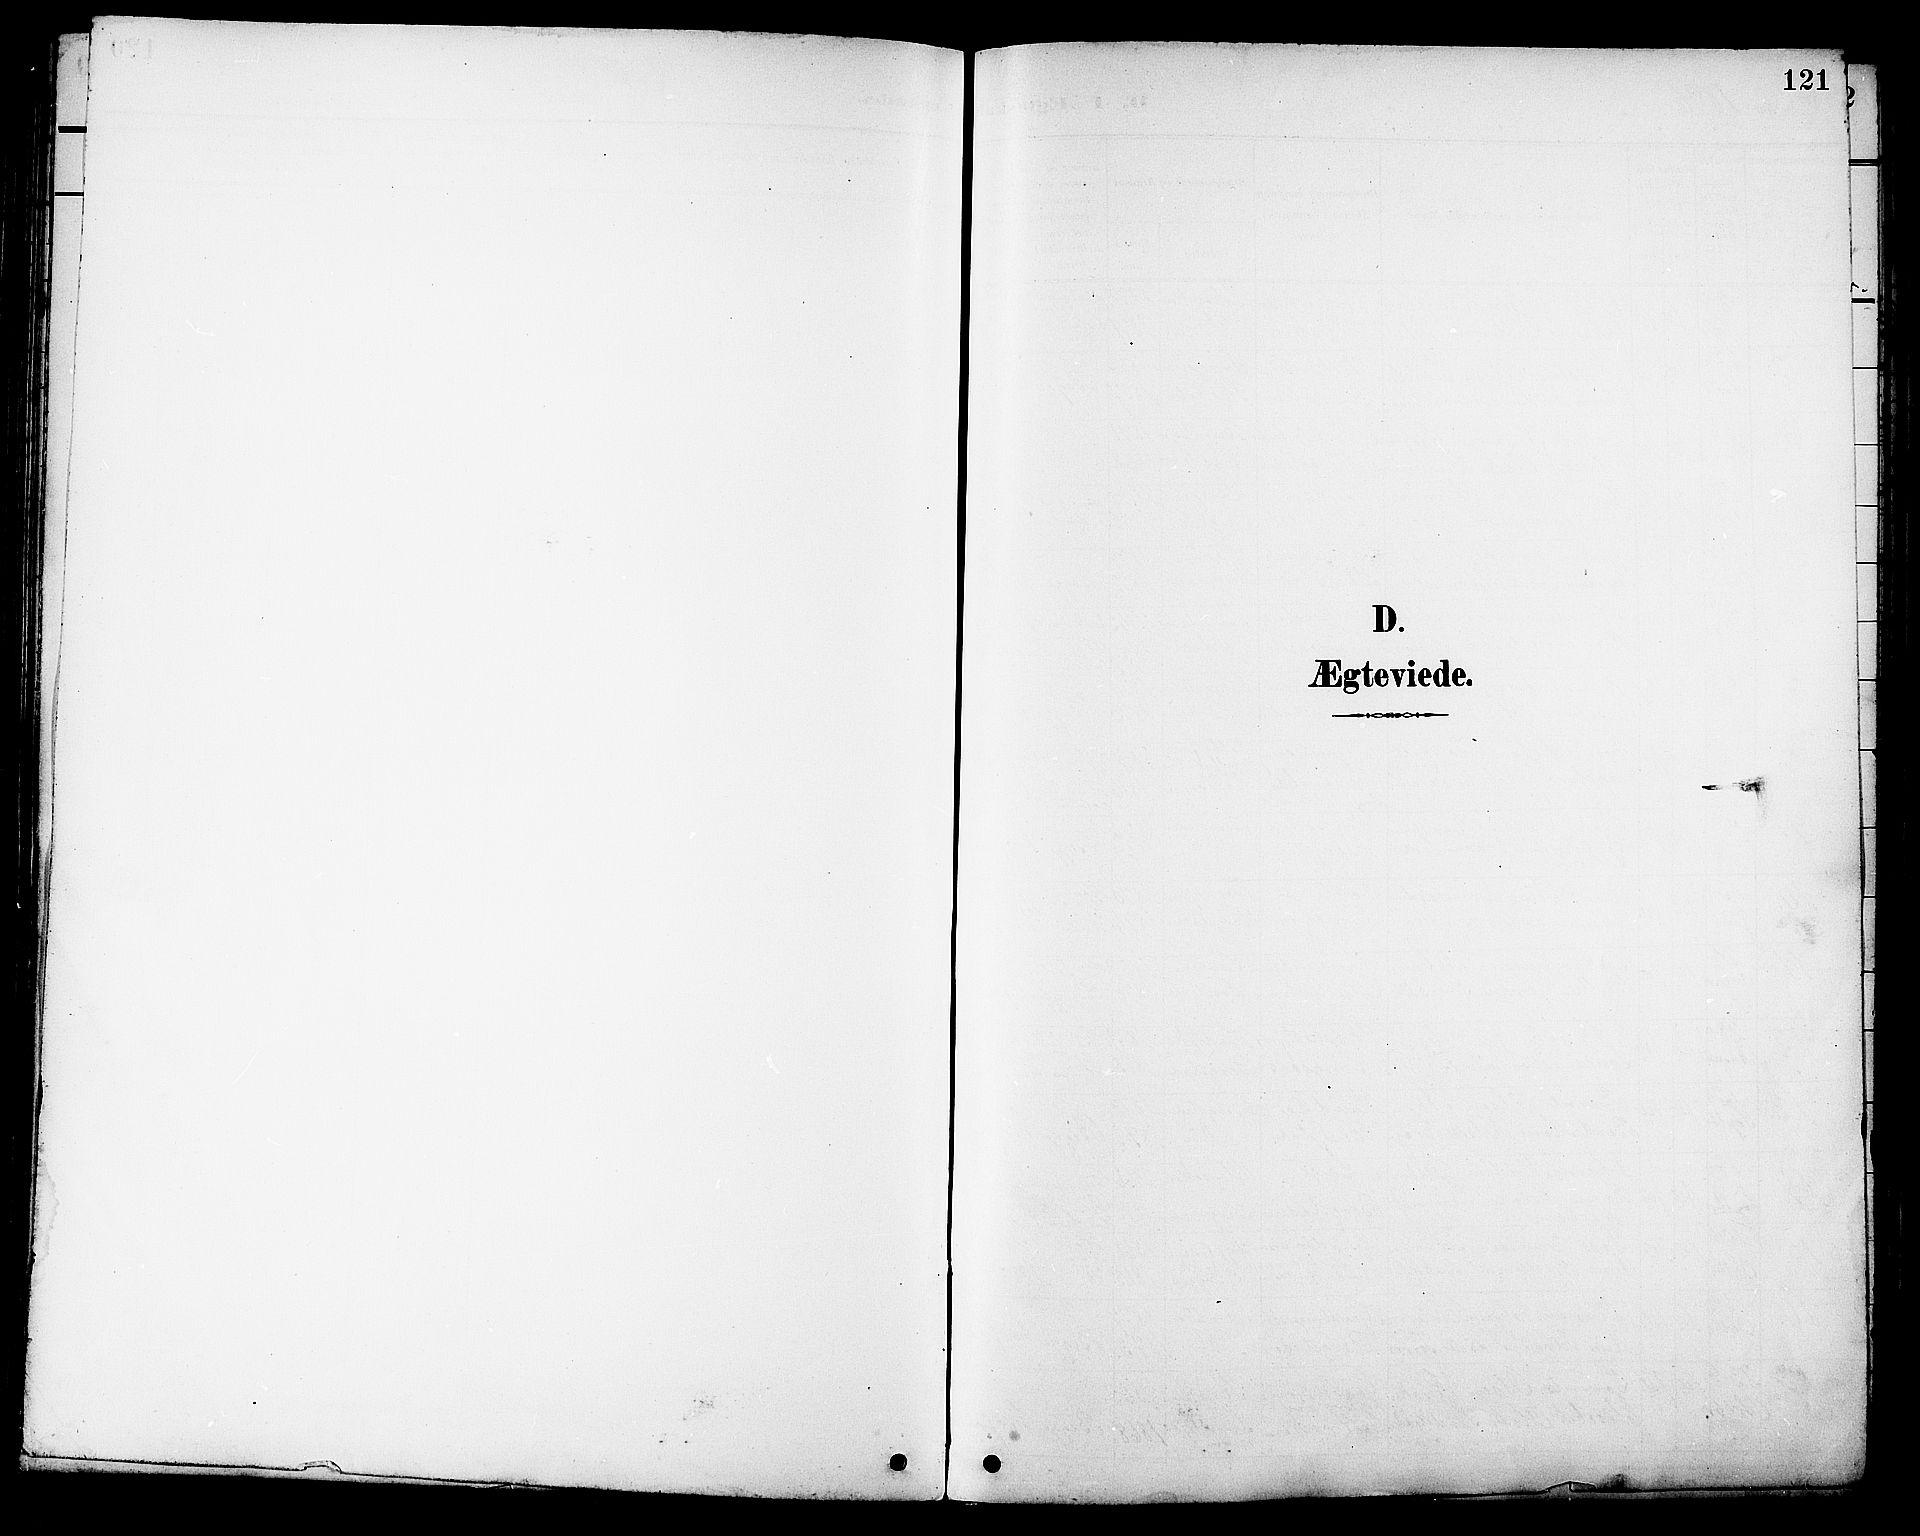 SAT, Ministerialprotokoller, klokkerbøker og fødselsregistre - Sør-Trøndelag, 681/L0941: Klokkerbok nr. 681C05, 1896-1905, s. 121